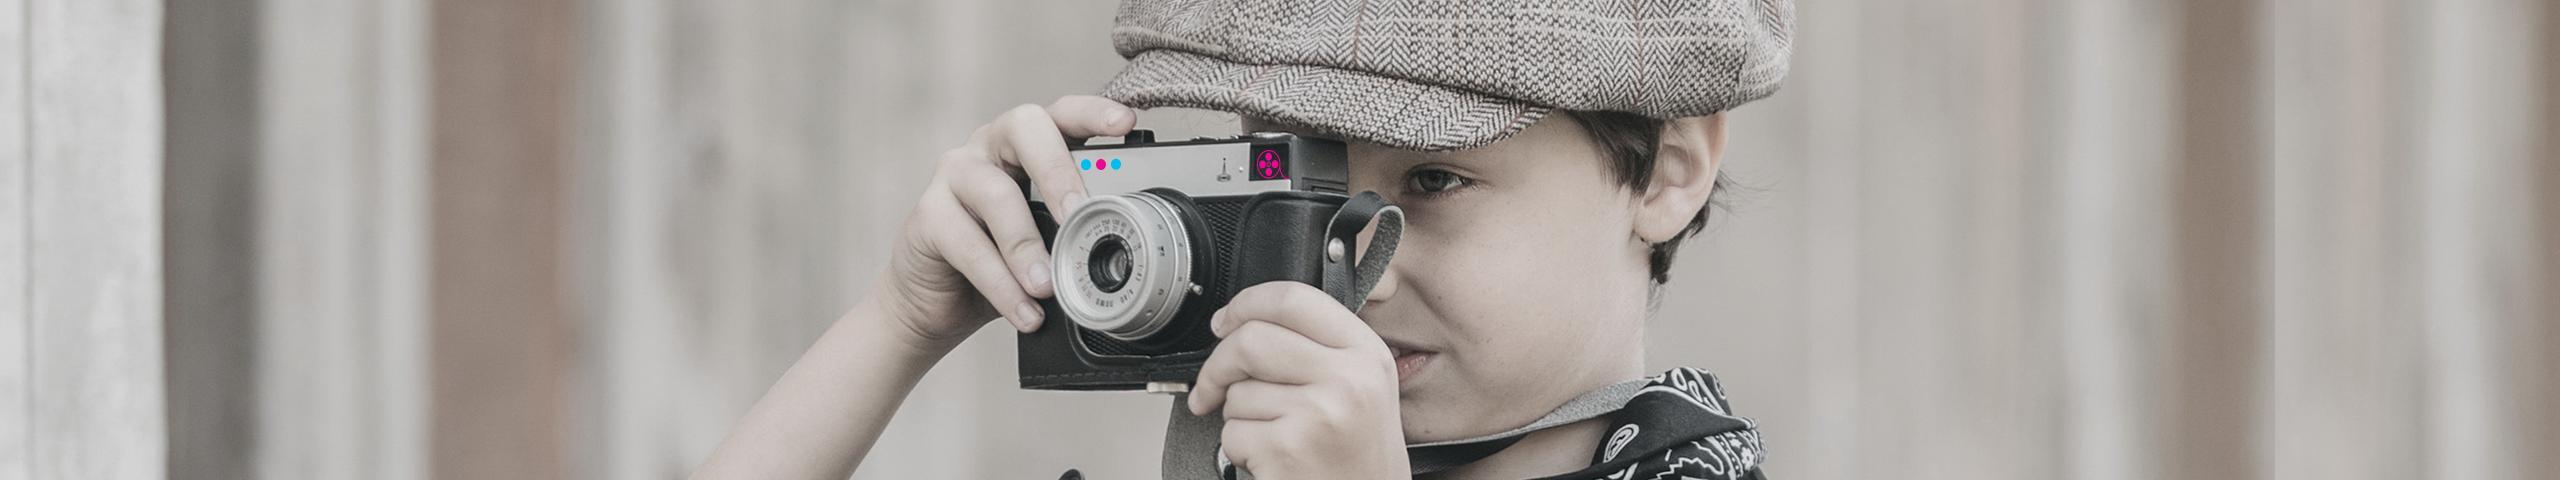 Enfant qui prend une photo